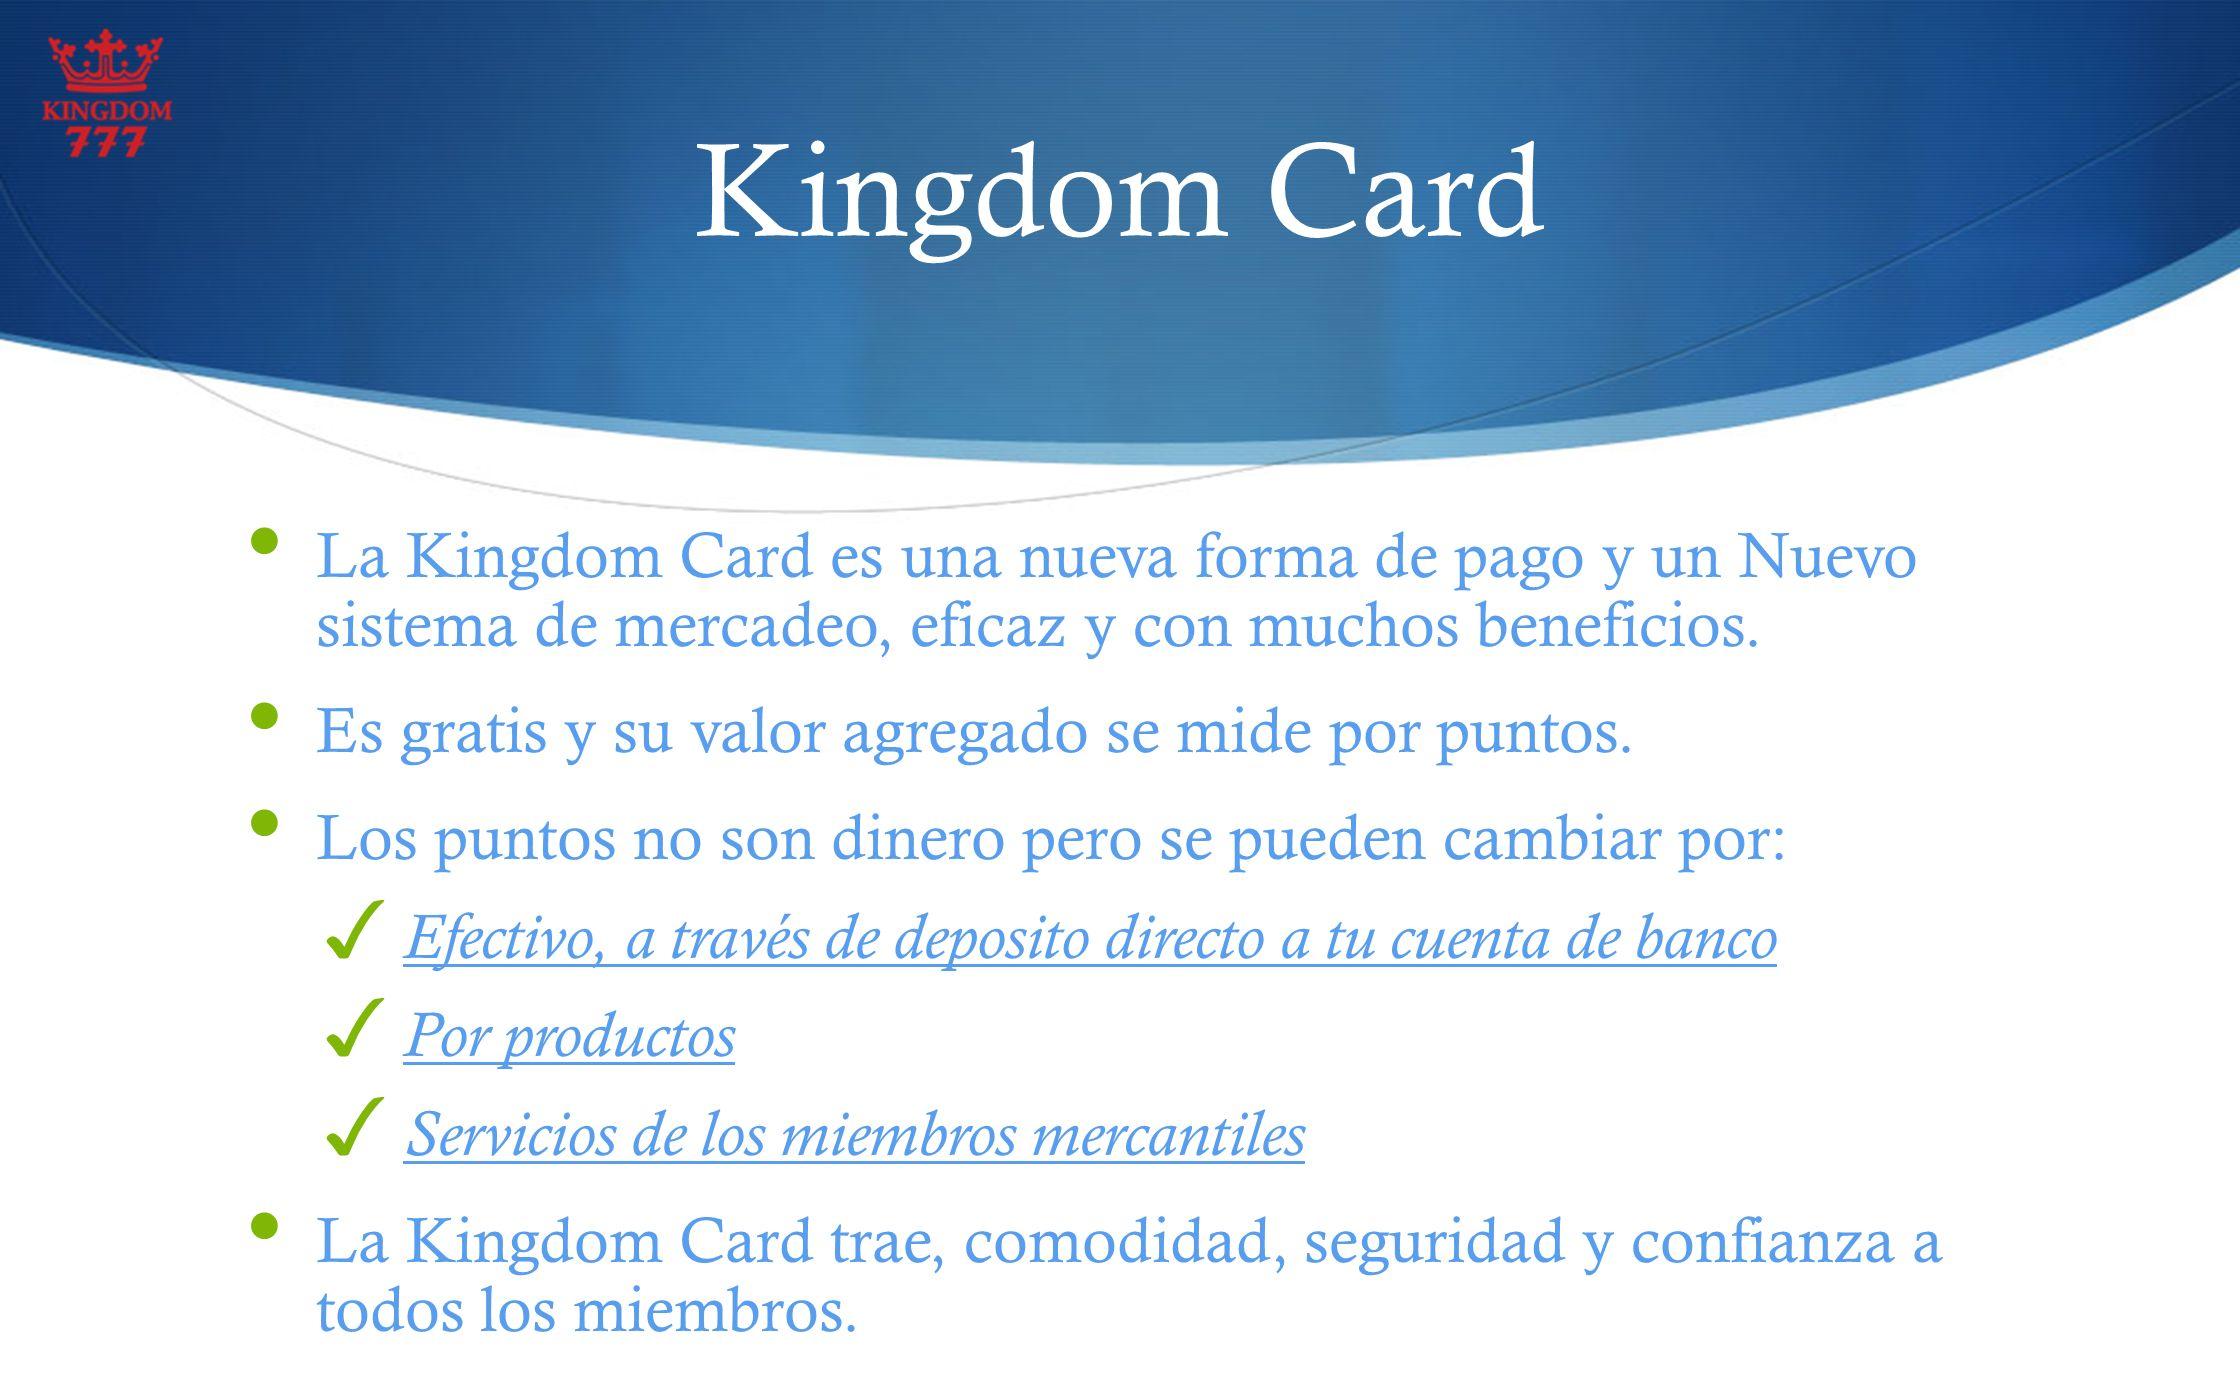 Kingdom Card La Kingdom Card es una nueva forma de pago y un Nuevo sistema de mercadeo, eficaz y con muchos beneficios. Es gratis y su valor agregado